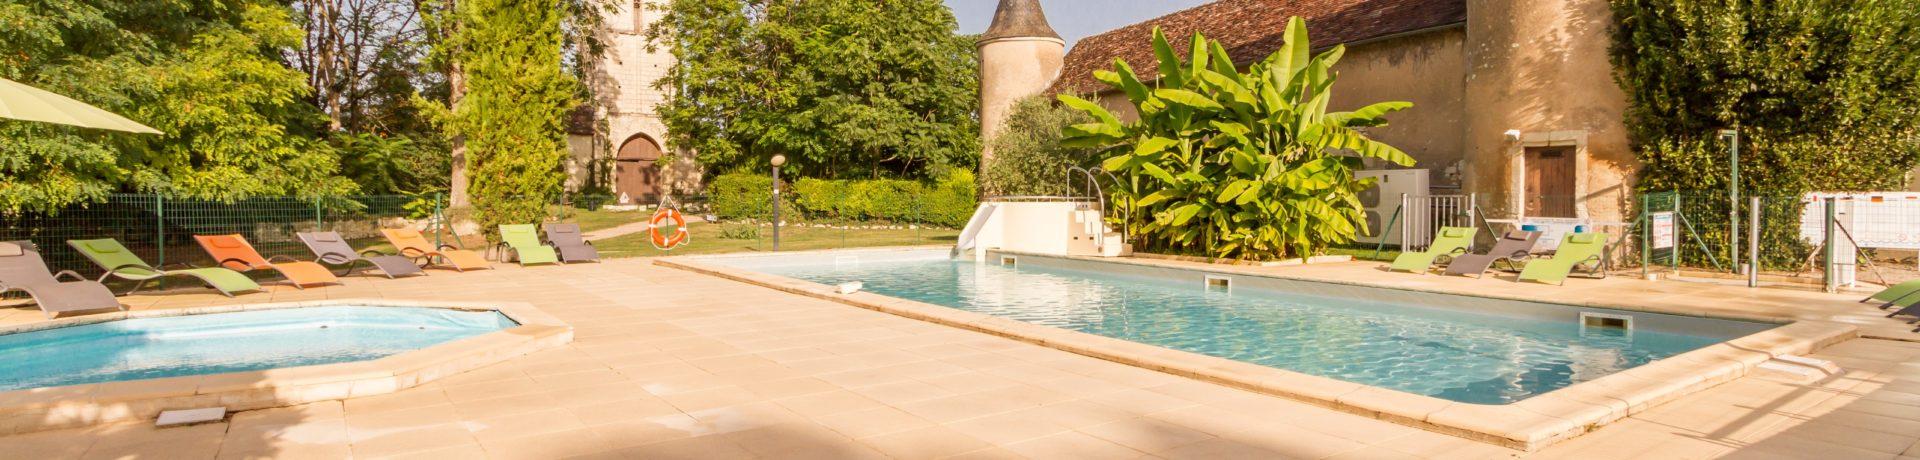 Camping Le Petit Trianon in Ingrandes-sur-Vienne is een rustig gelegen 4-sterren kasteelcamping met zwembad in Vienne in de regio Poitou-Charentes.